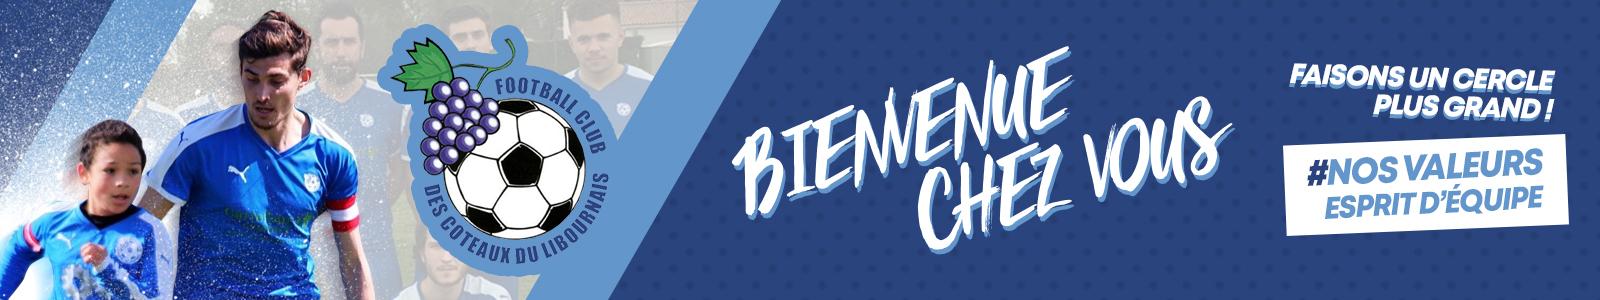 Football Club des coteaux du Libournais : site officiel du club de foot de ARVEYRES - footeo